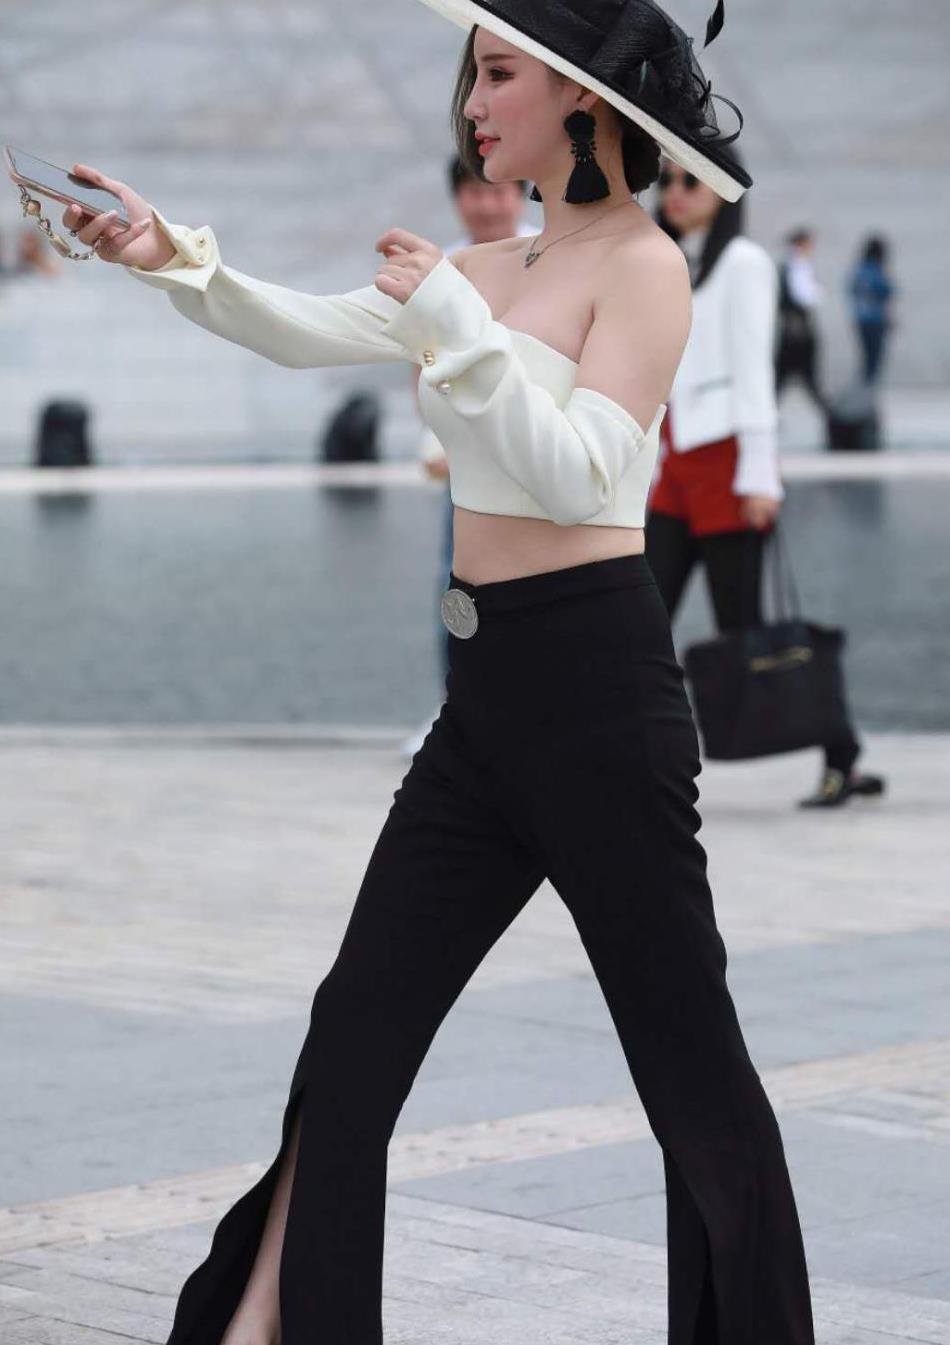 美女街拍:身材丰腴的小姐姐,穿搭时尚潮流,尽显性感的魅力